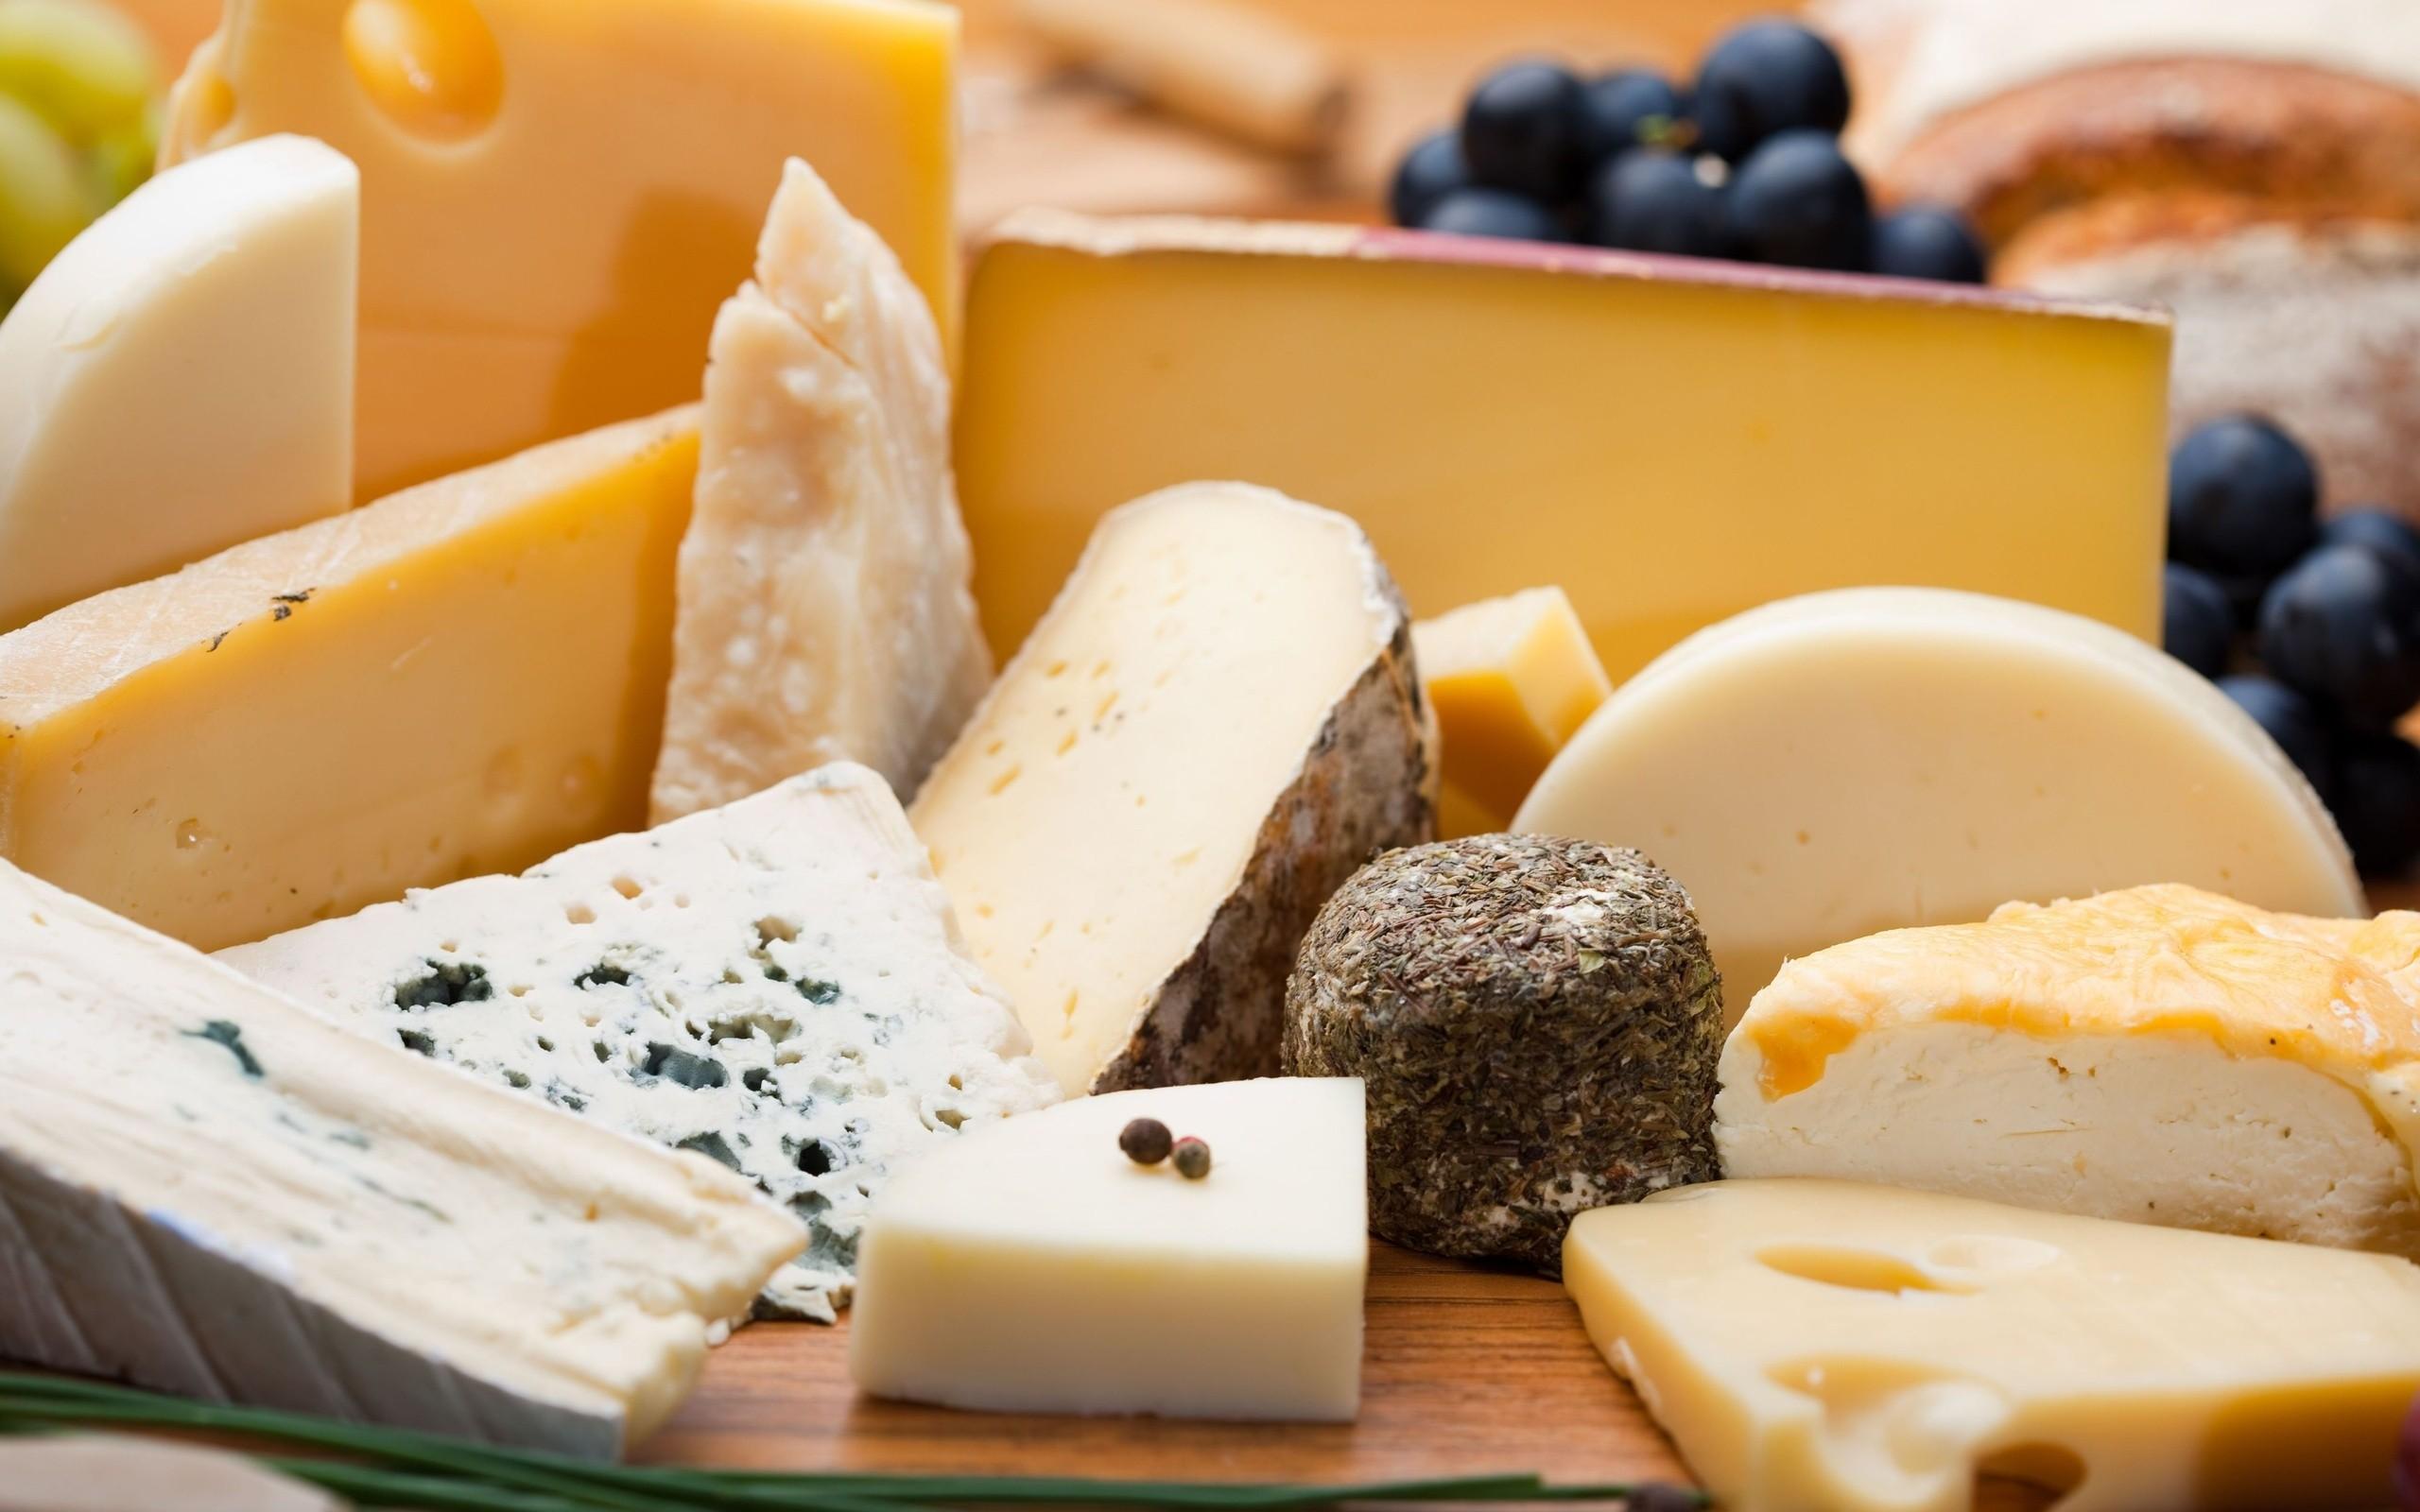 Россельхознадзор разрешит ввоз сыра из Ирана уже до конца 2015 года